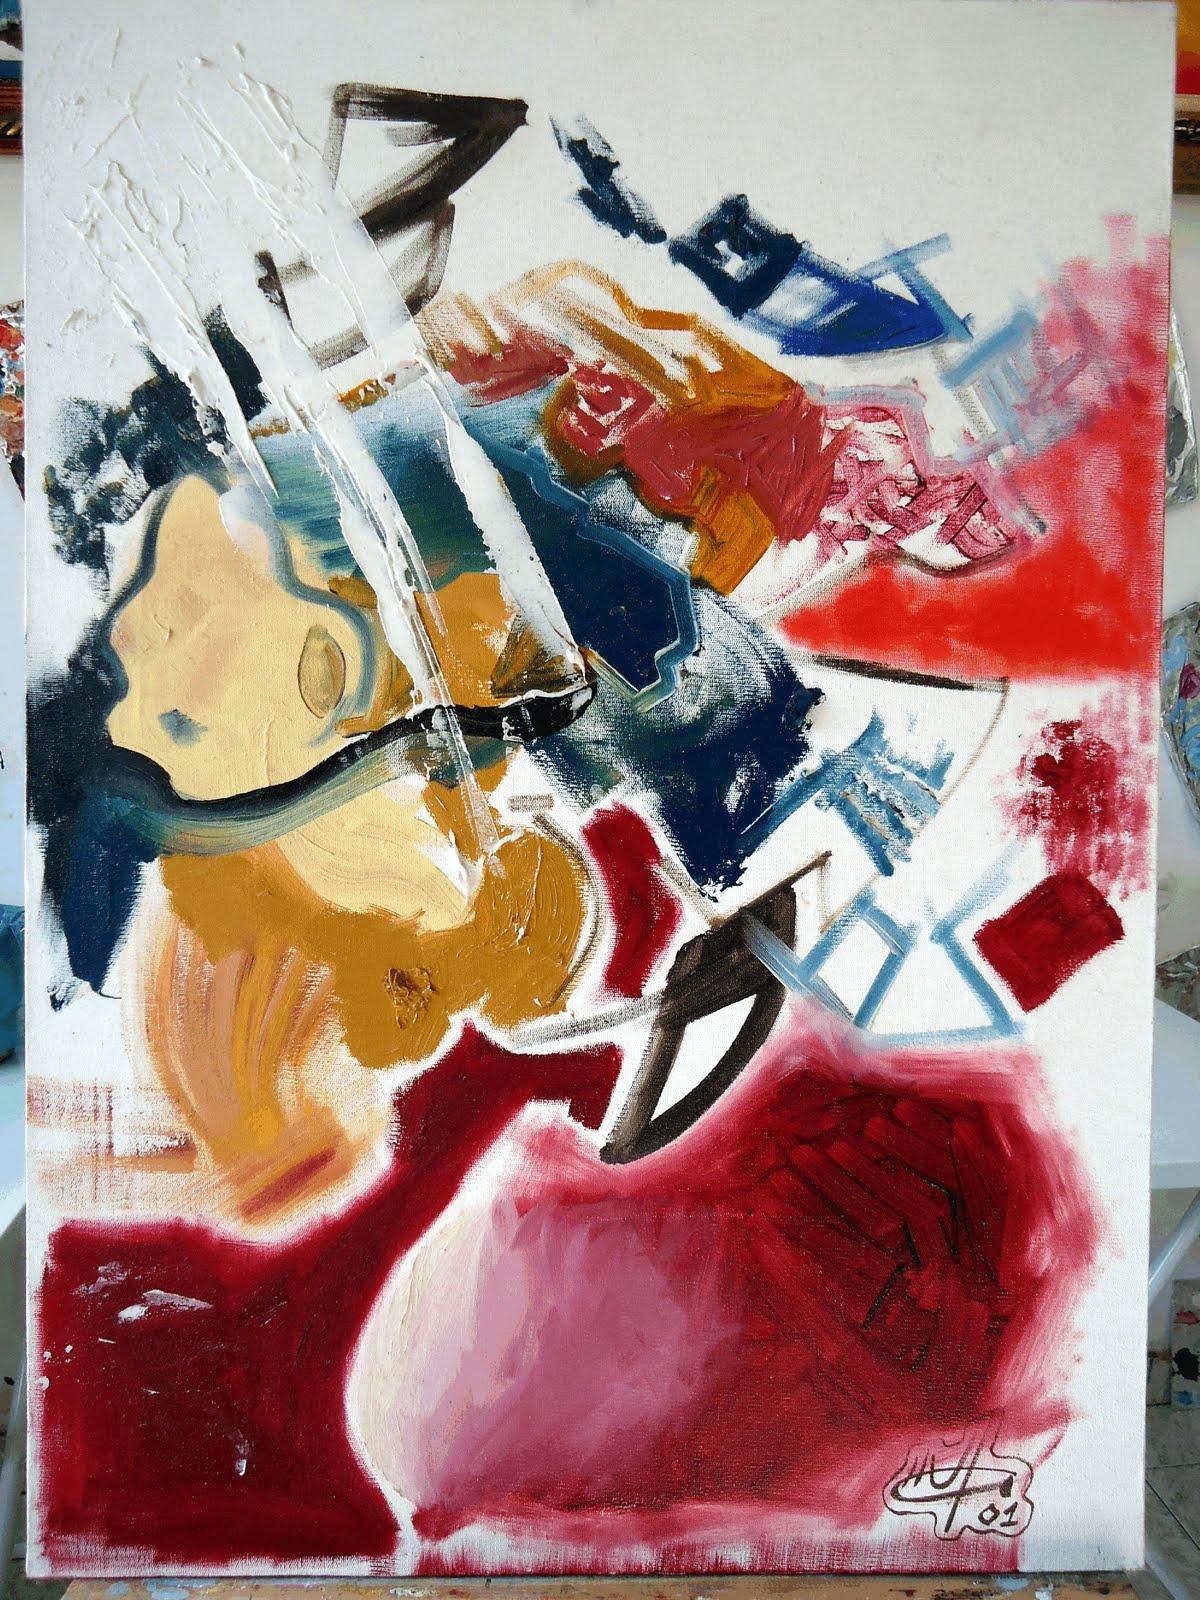 Curso De Desenho E Pintura Itaquera Cores Radicais